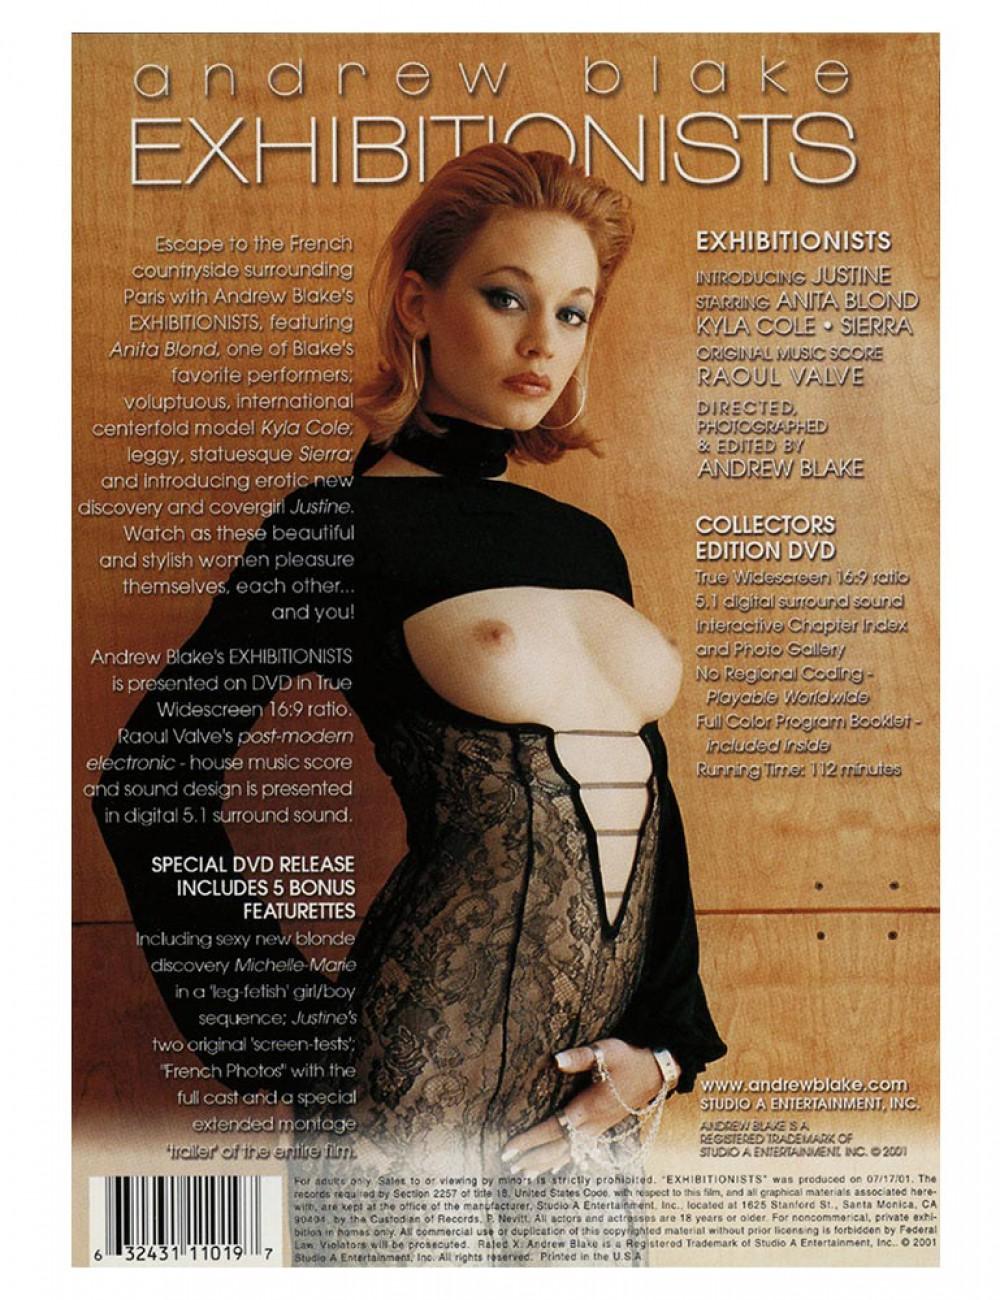 Exhibitionists